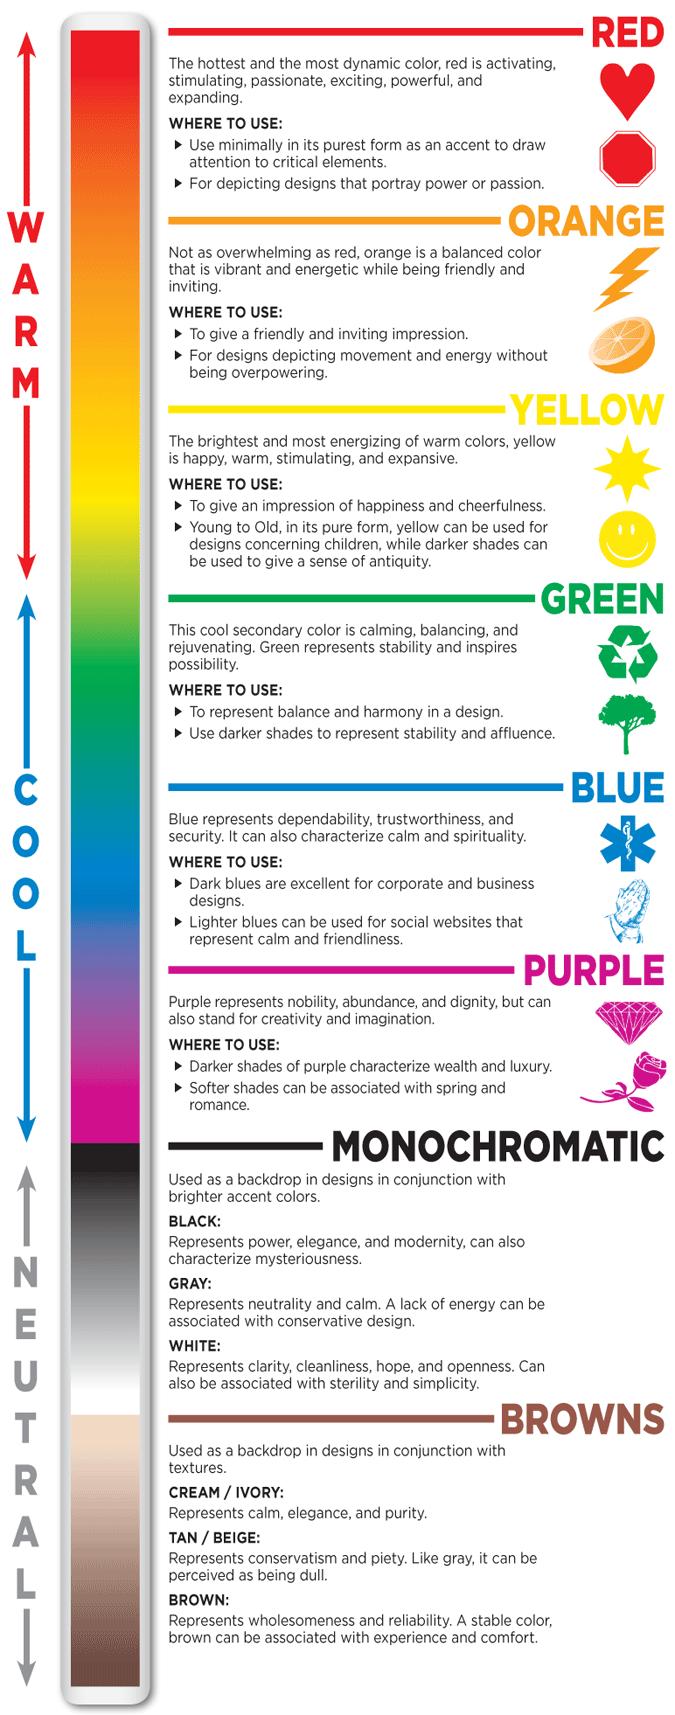 The Psychology of Color in Design tjn | Color psychology ...